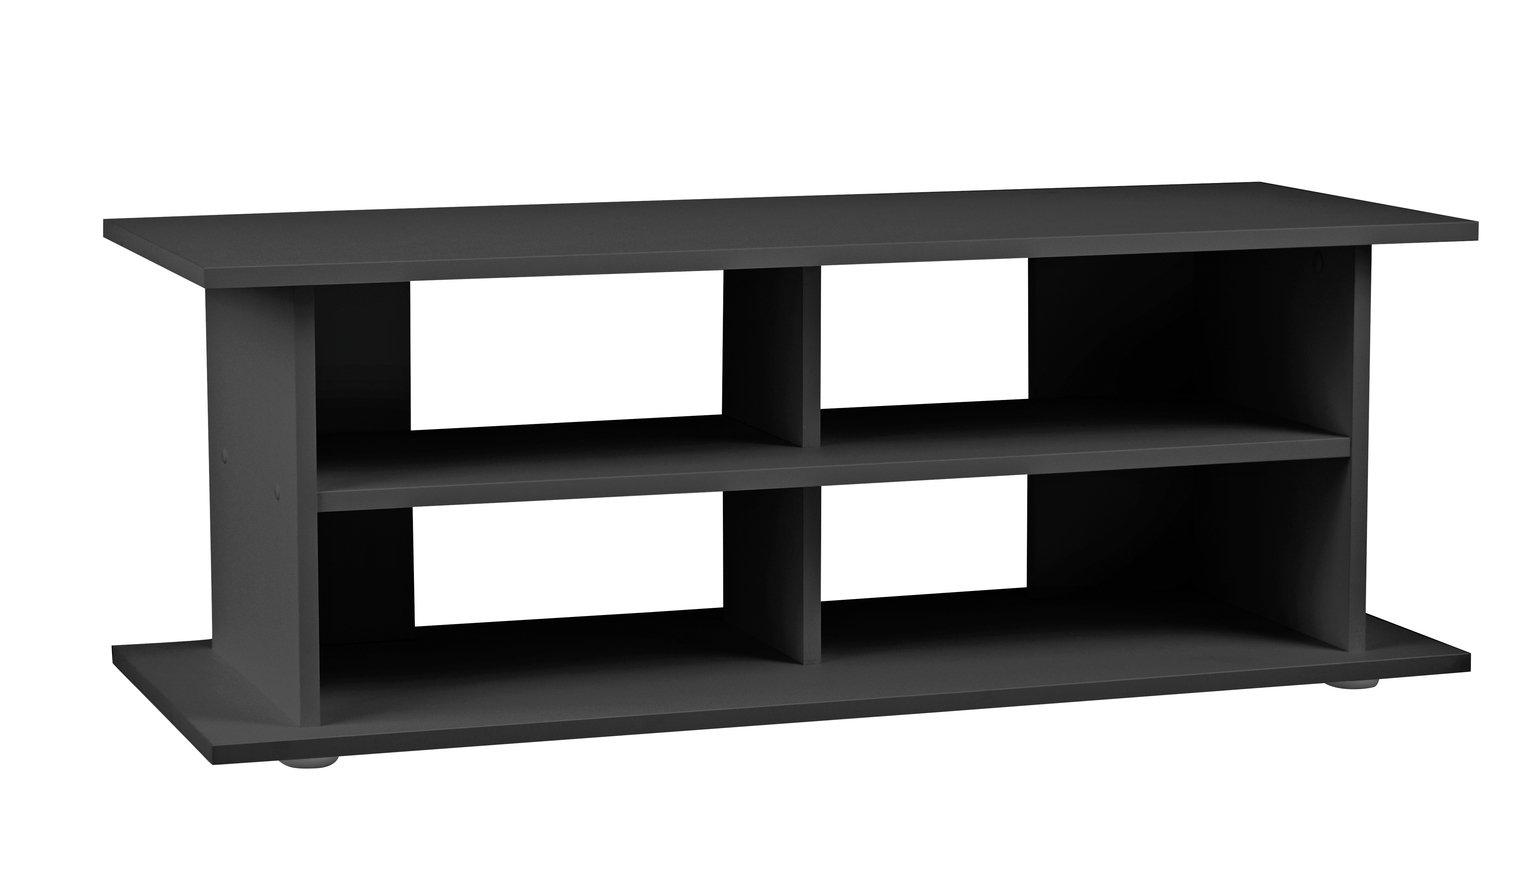 Argos Home 40 Inch TV Unit - Black